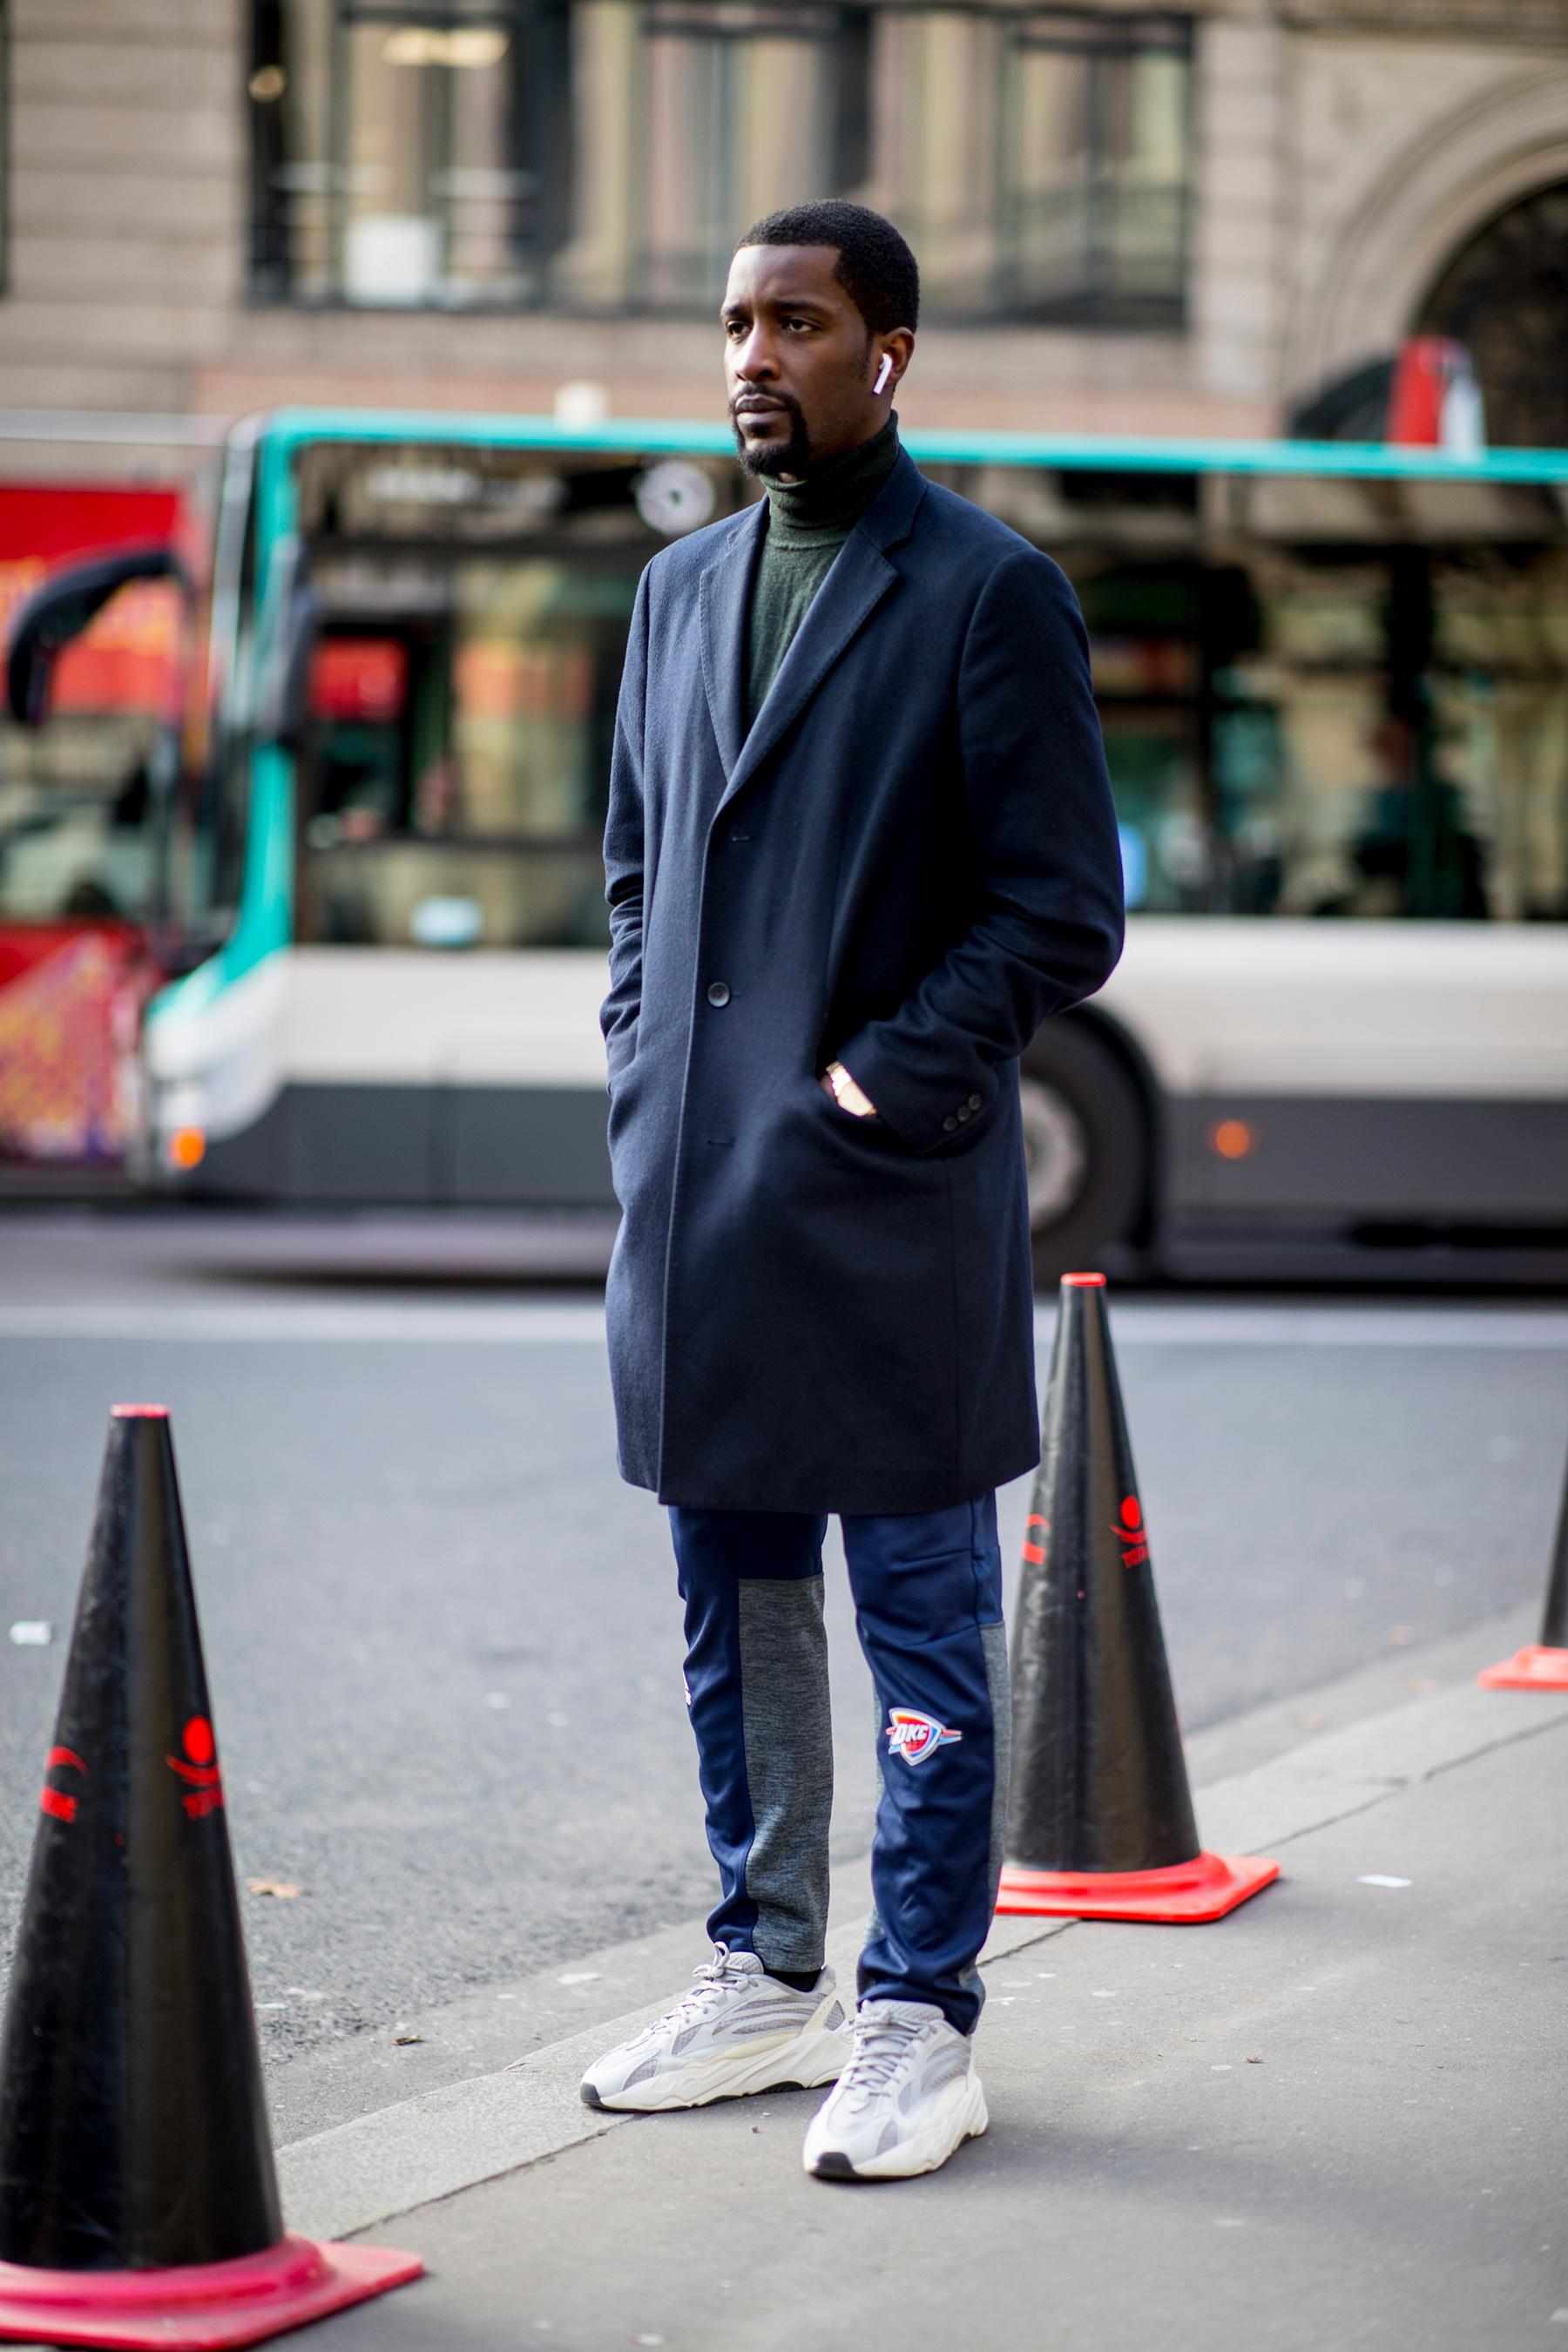 Cómo combinar un pantalón de chándal con un abrigo largo (37